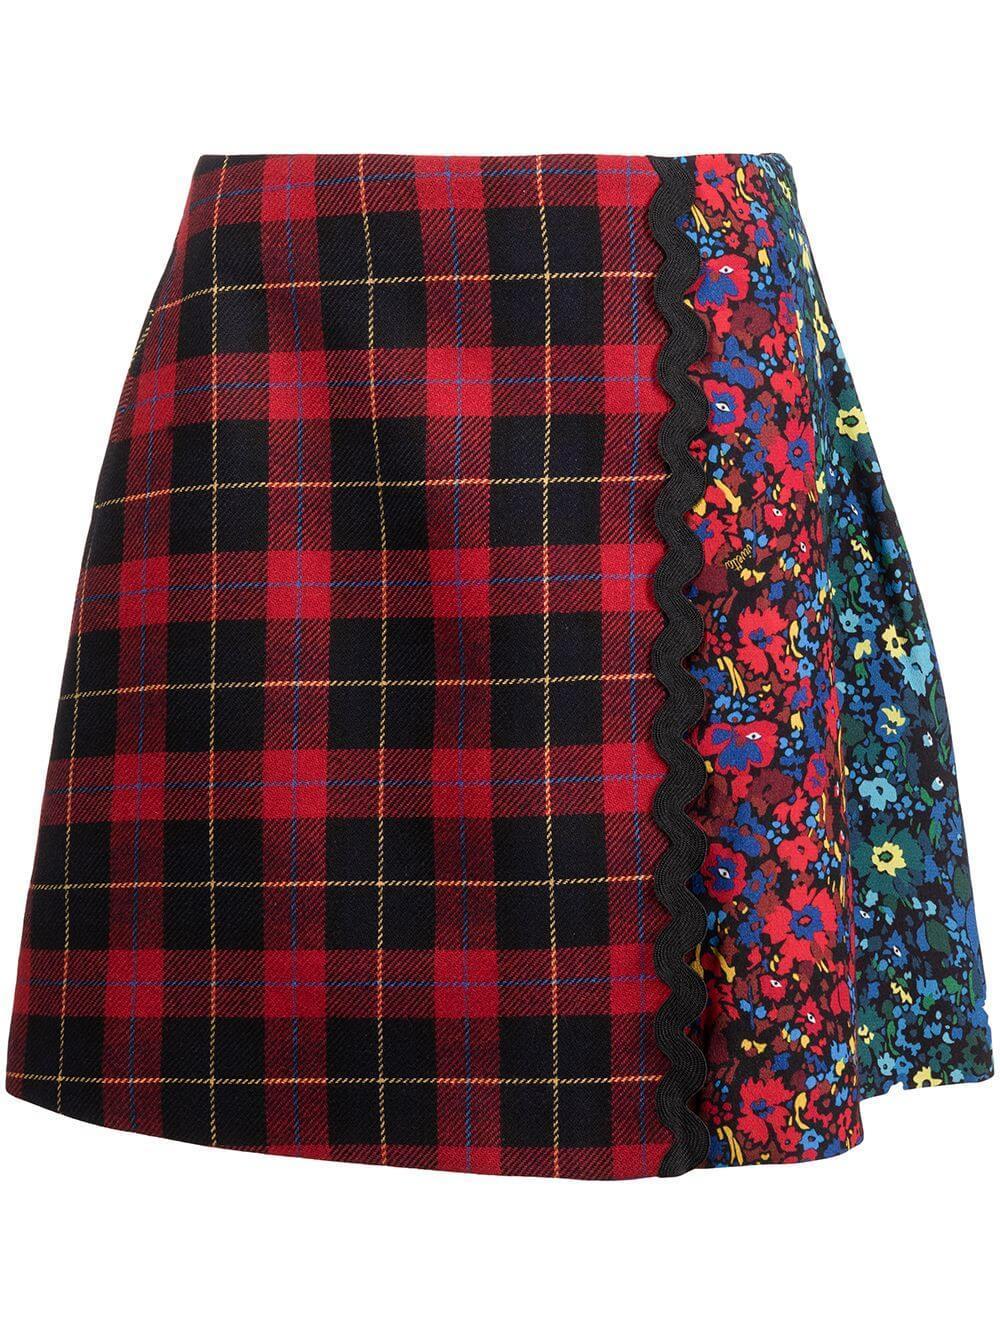 Mini Tartan Floral Skirt Item # C021-3015-QC91